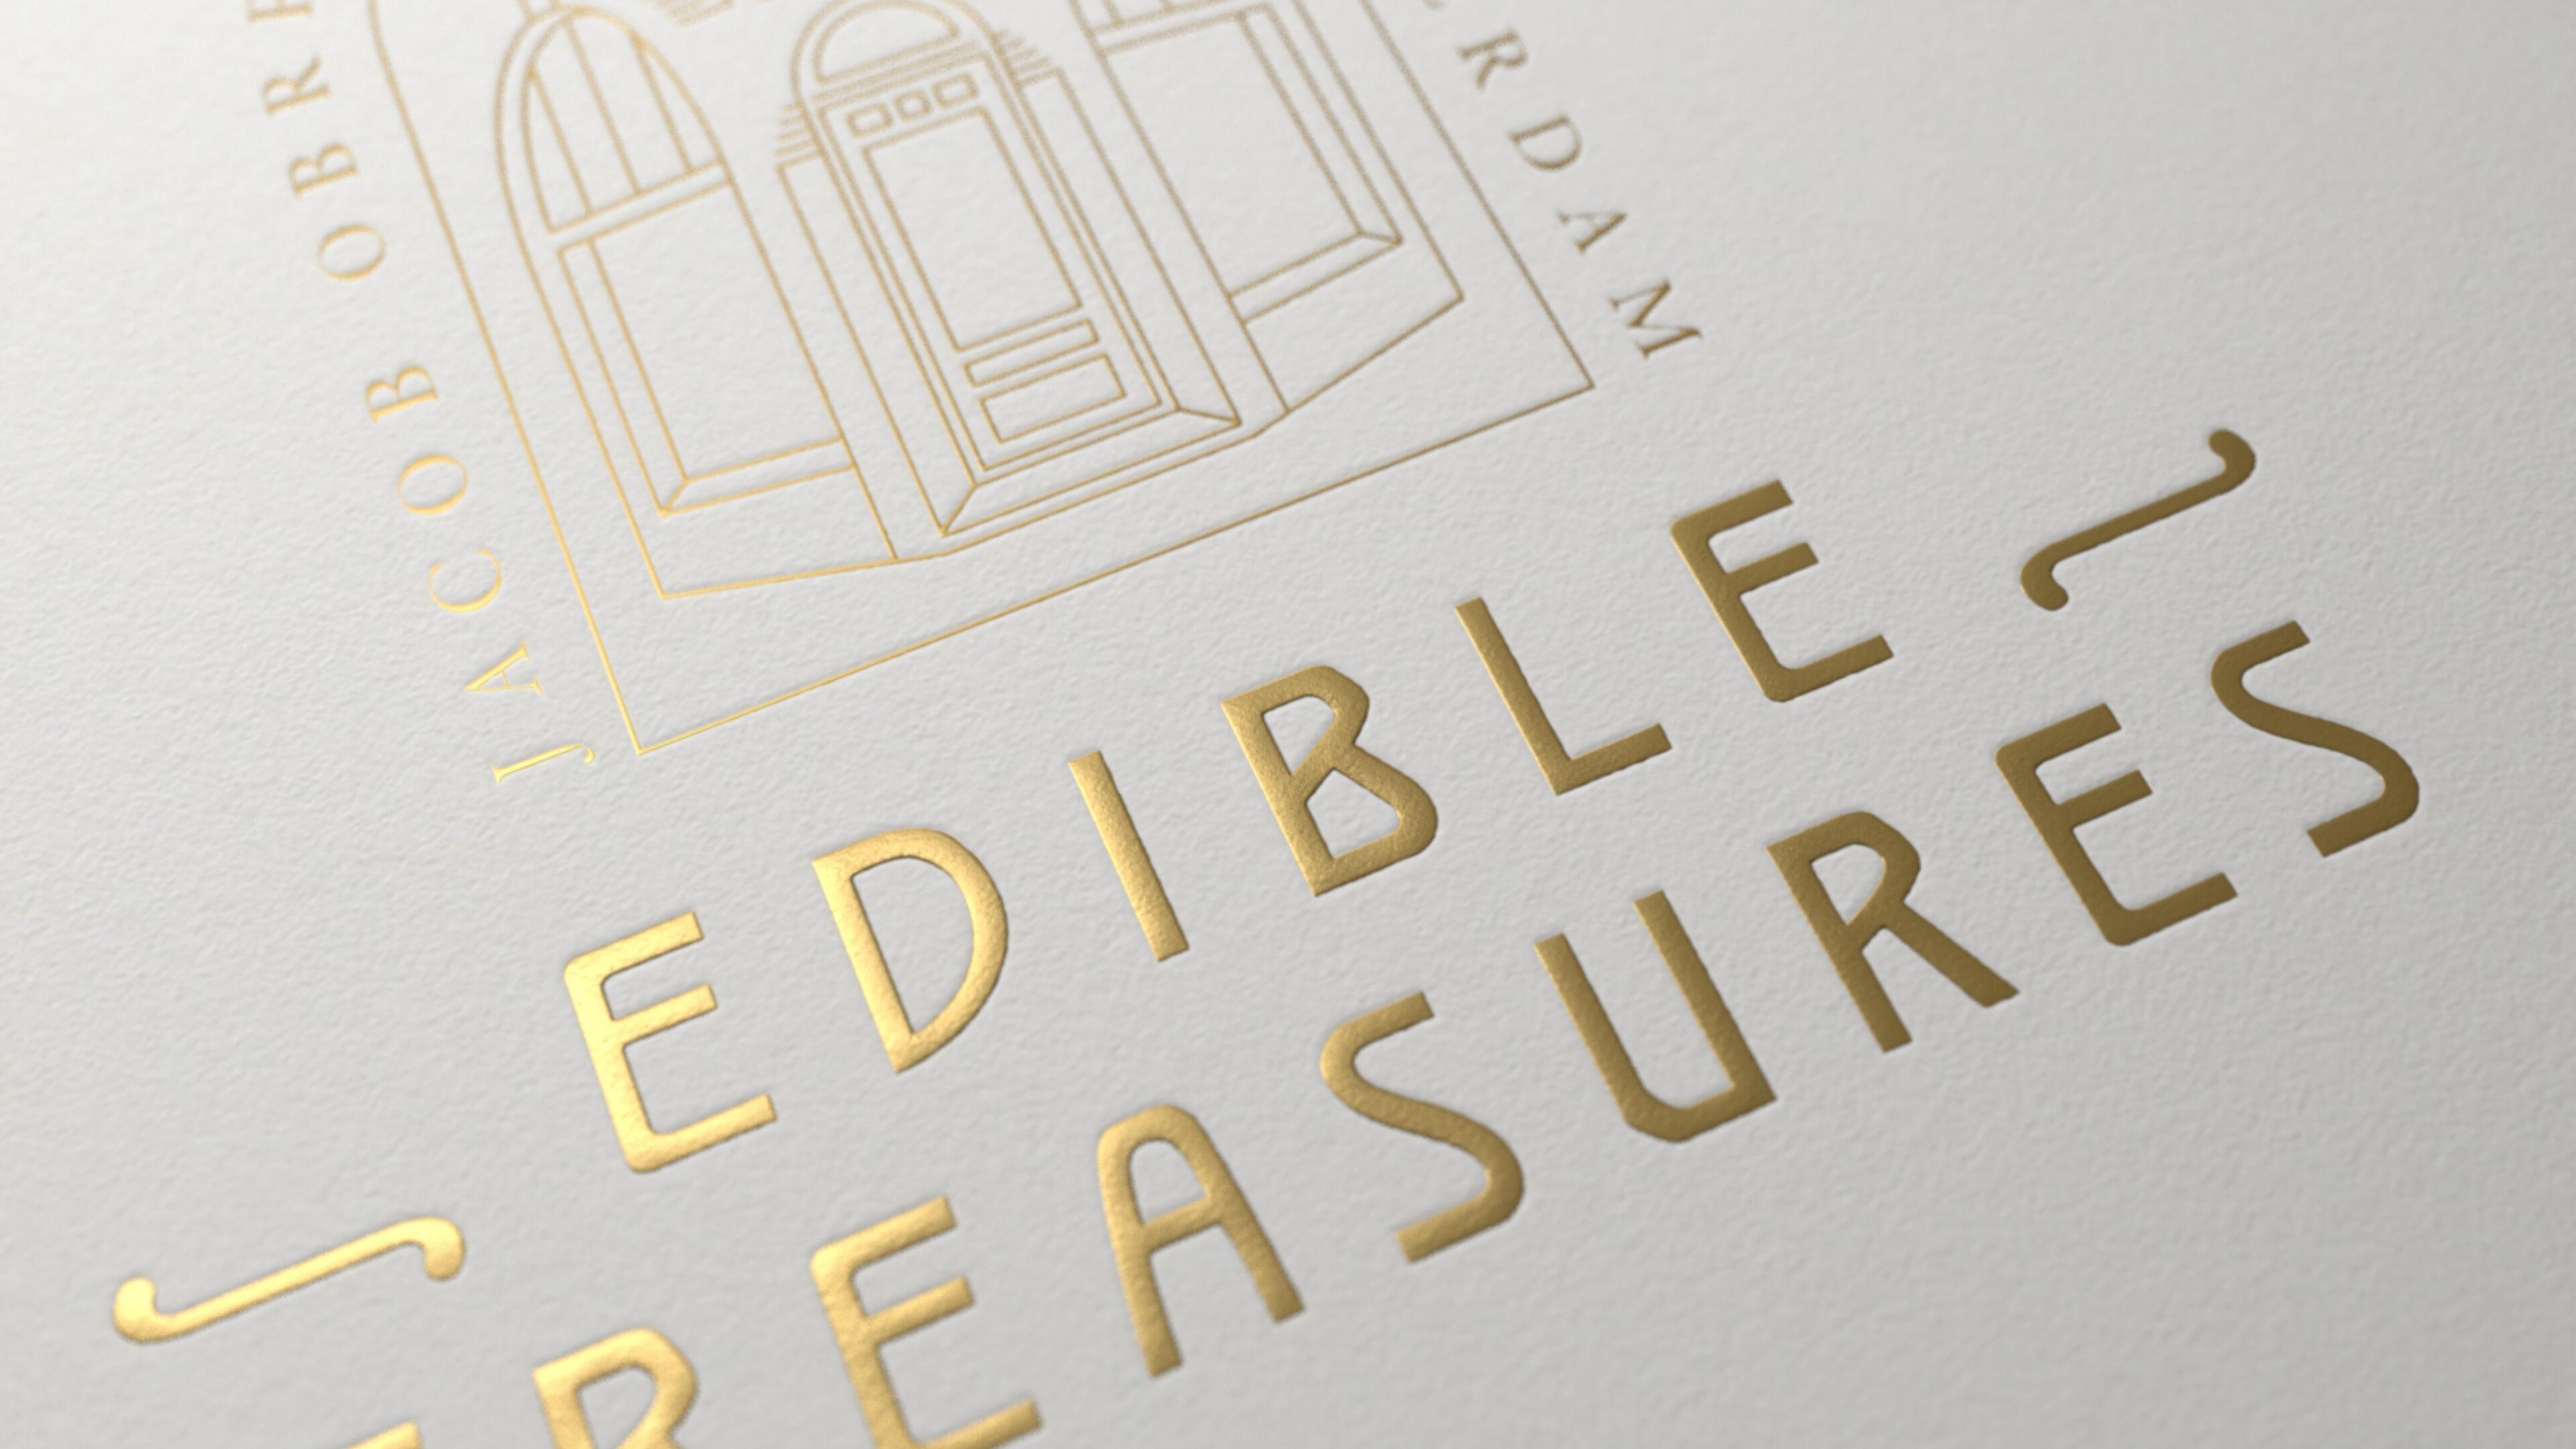 Edible treasures logo thumbnail image